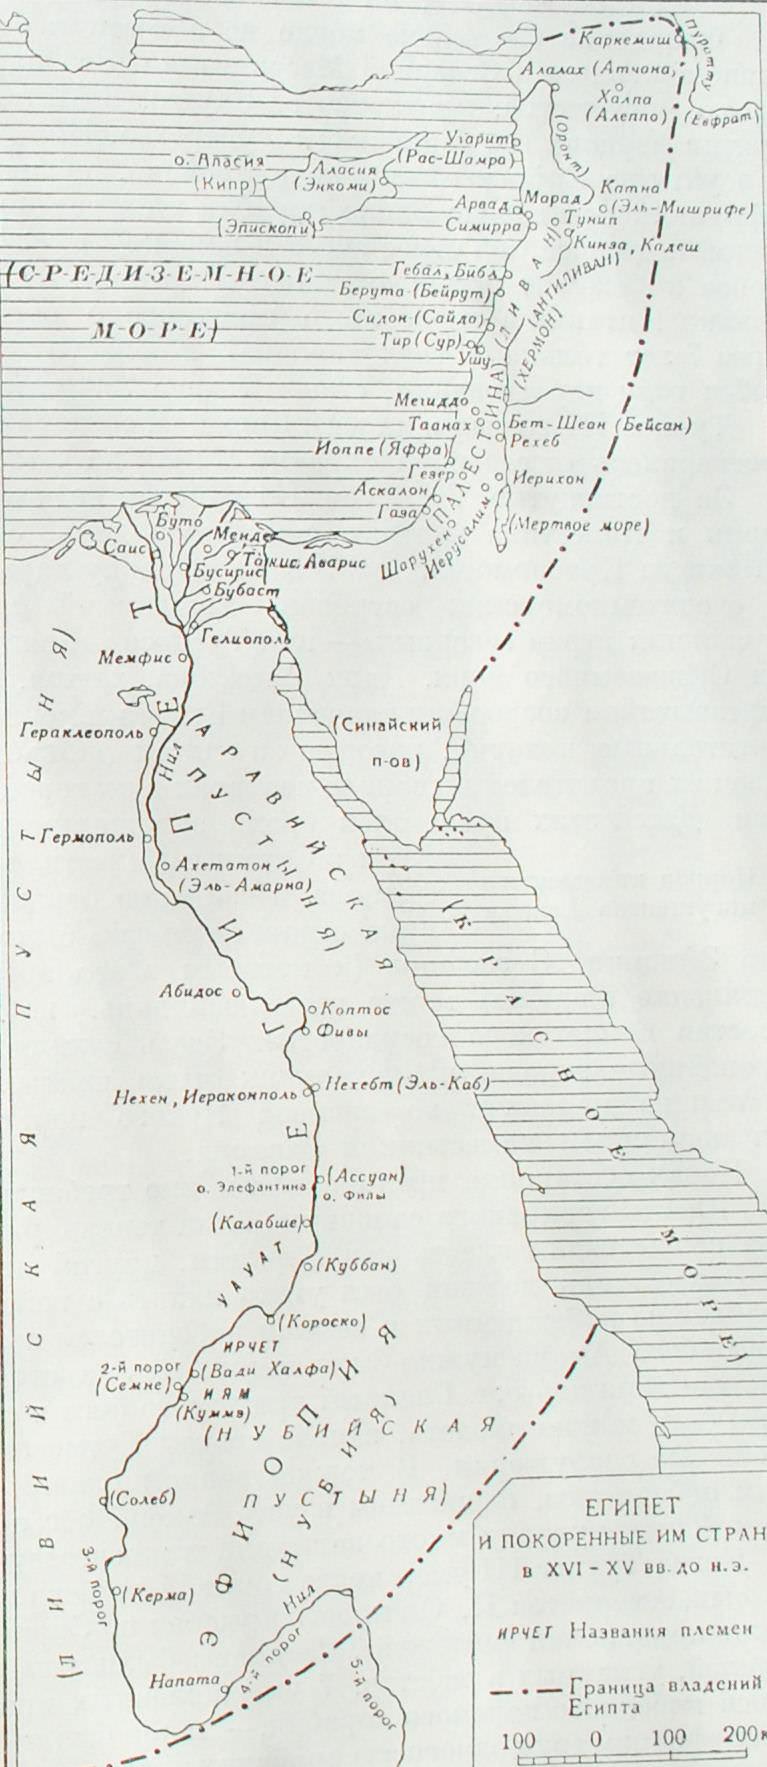 Египет и покоренные им страны в XVI - XV вв. до н.э.